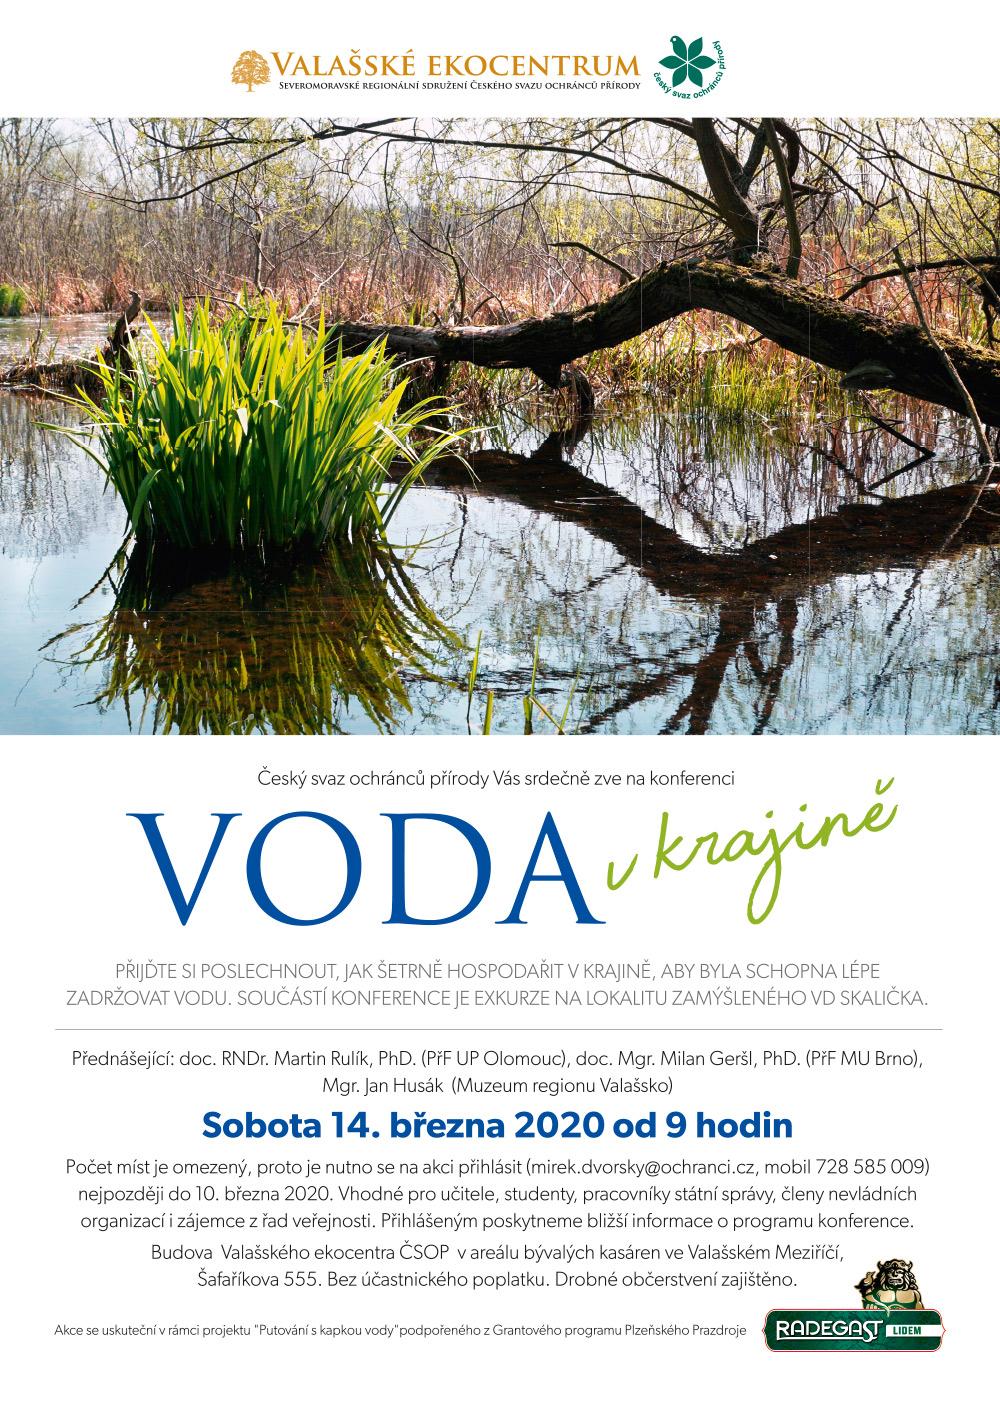 """Radegast podpoří konferenci """"Voda v krajině"""""""